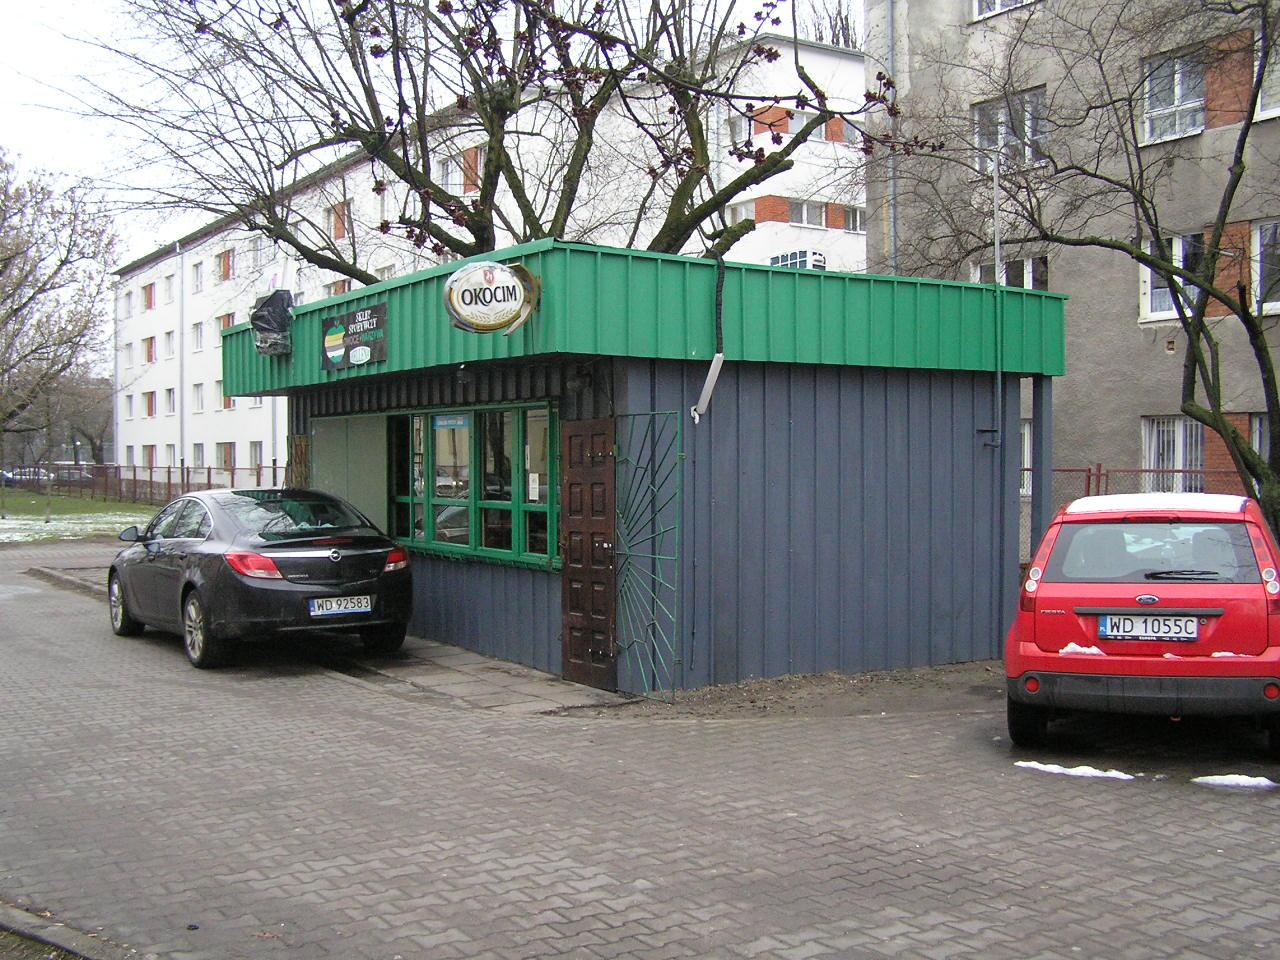 Budka owocowo-warzywna przt ulicy Podskarbińskiej 5 na Grochowie